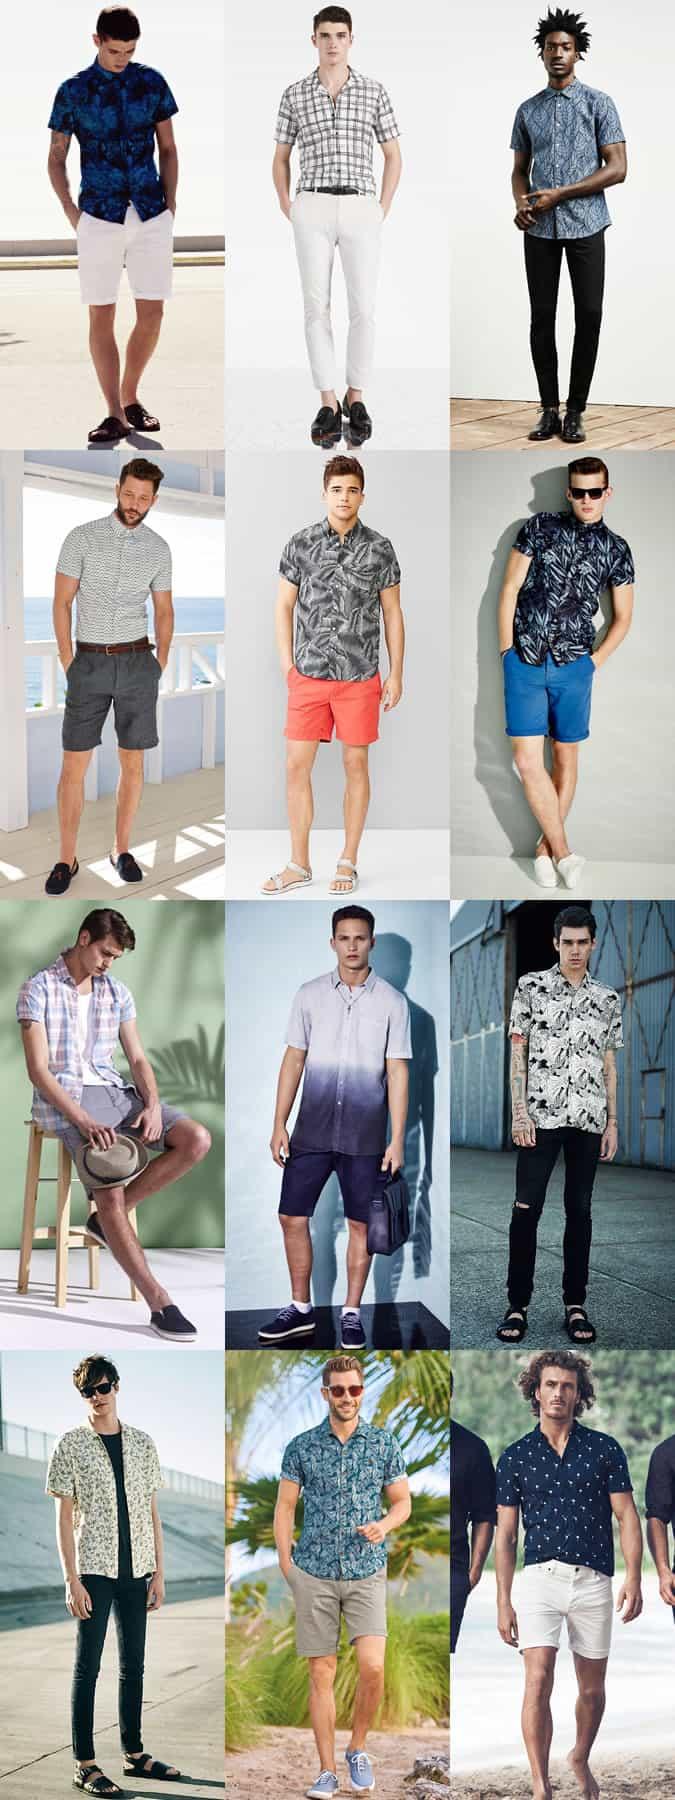 Chemise à manches courtes imprimée pour homme Look Inspiration Lookbook